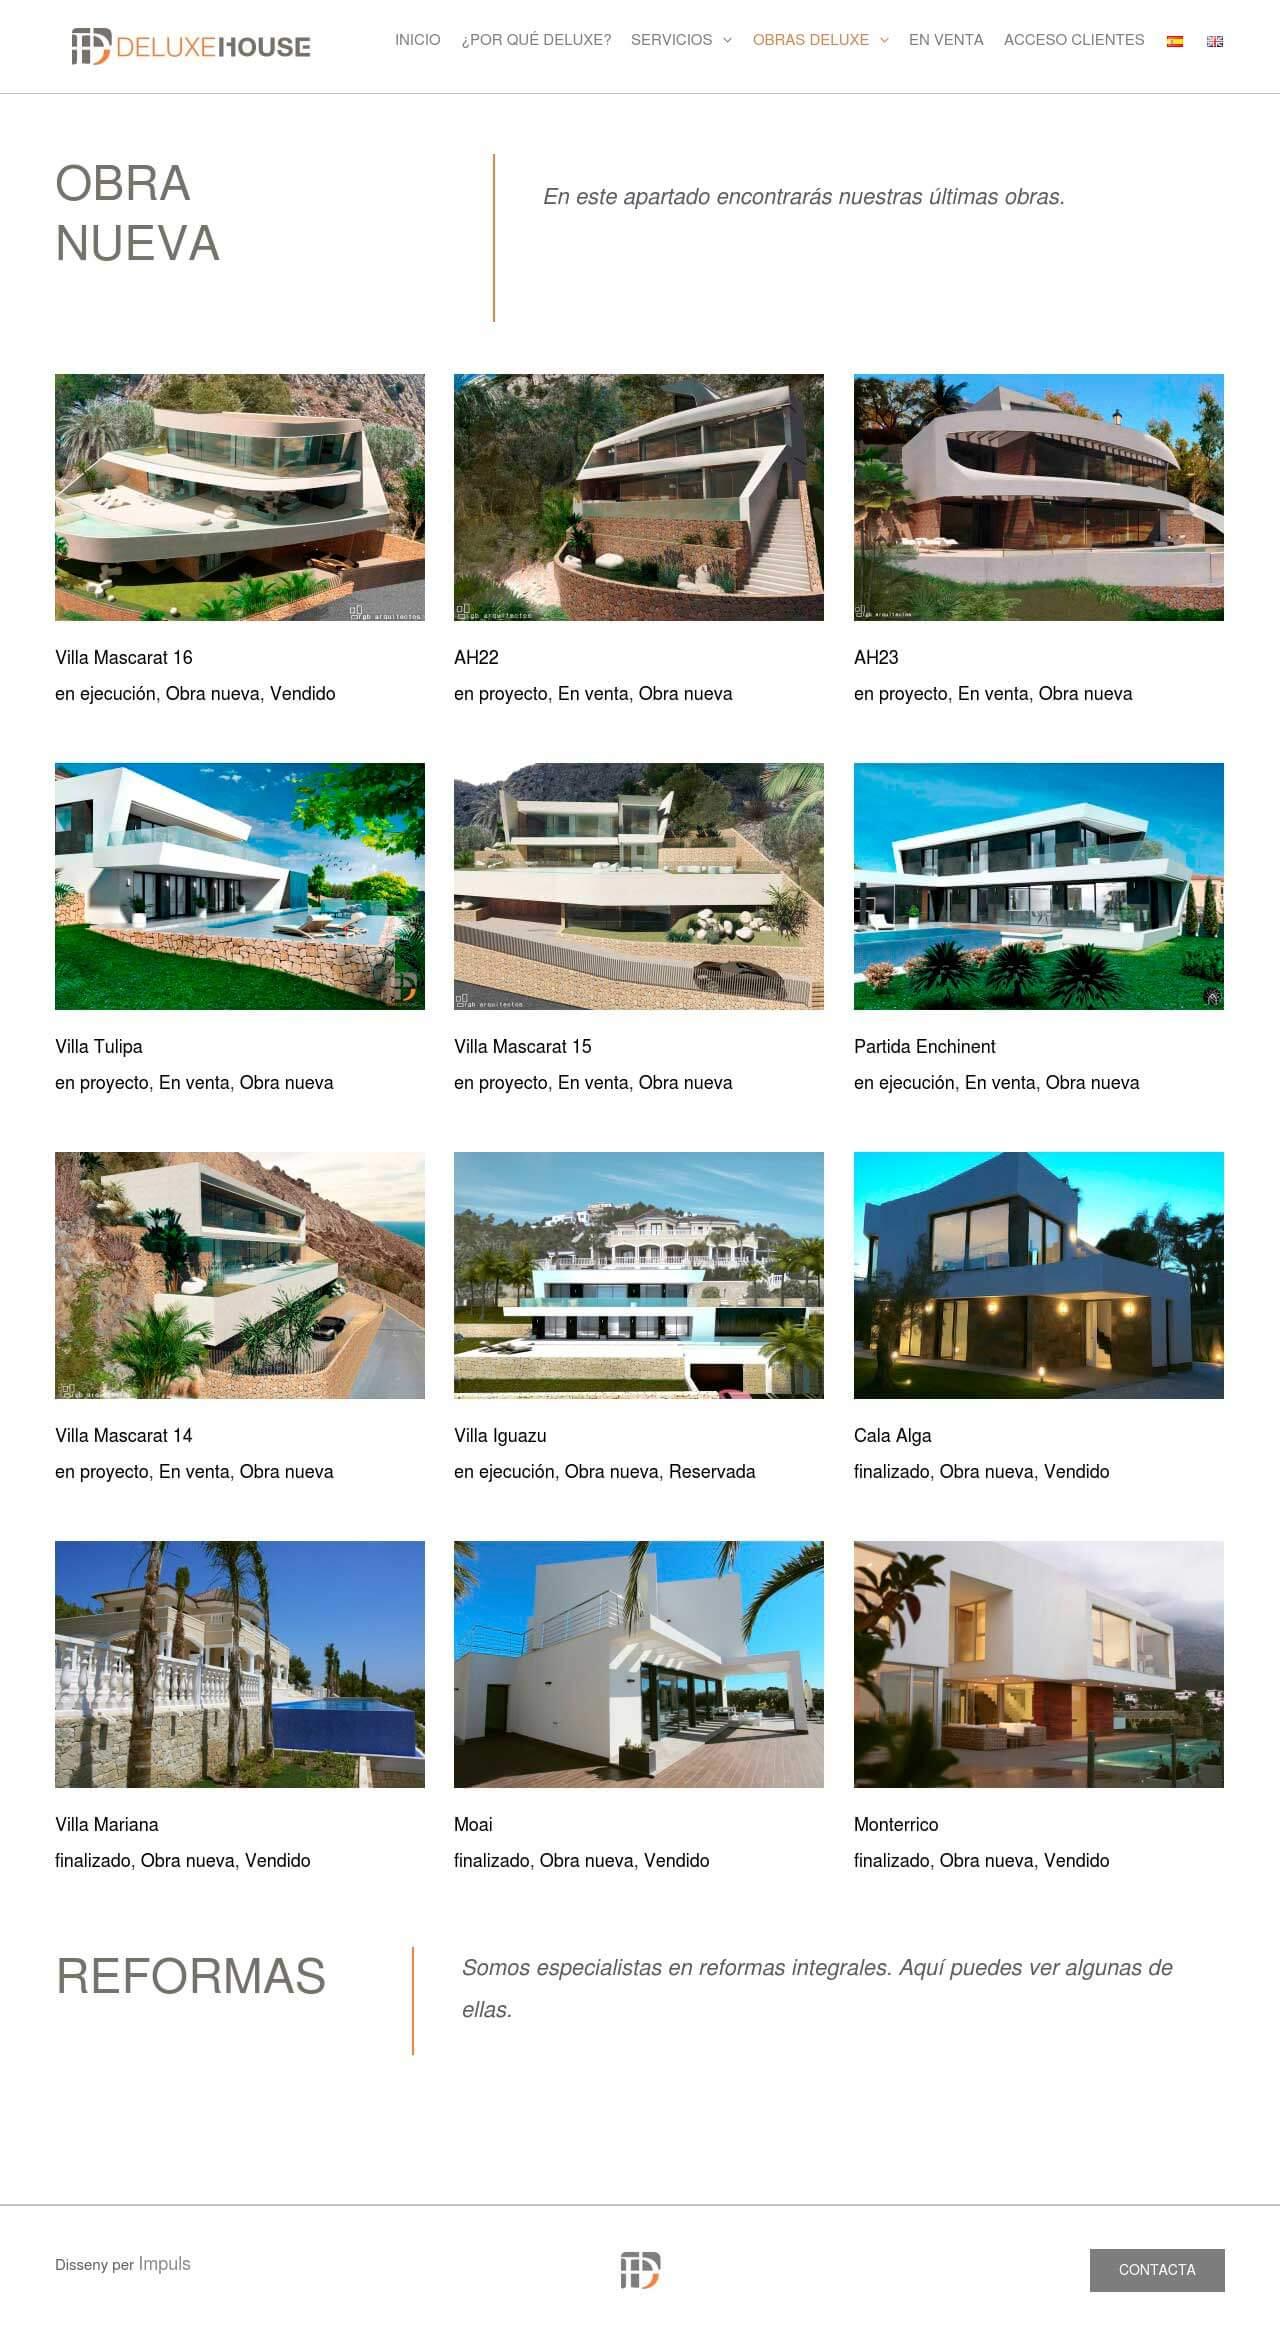 Agencia Sidecar deluxe-house-portfolio-agencia-sidecar-obras Deluxe House